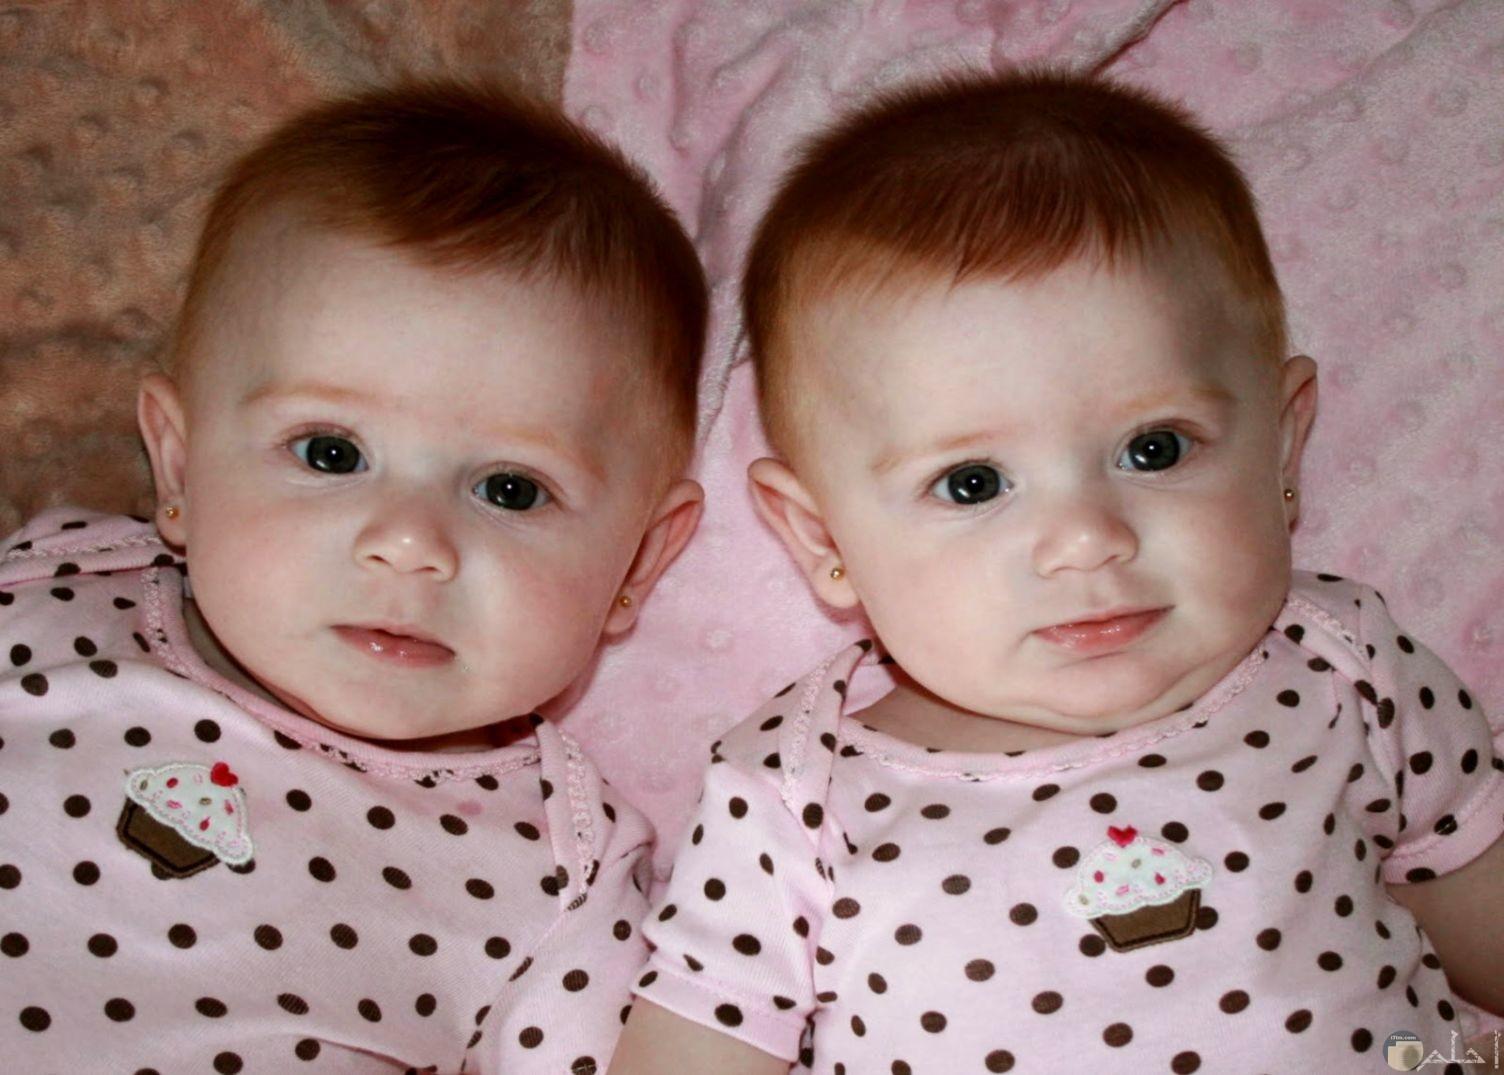 صور أطفال حلوين توائم متشابهين روعة